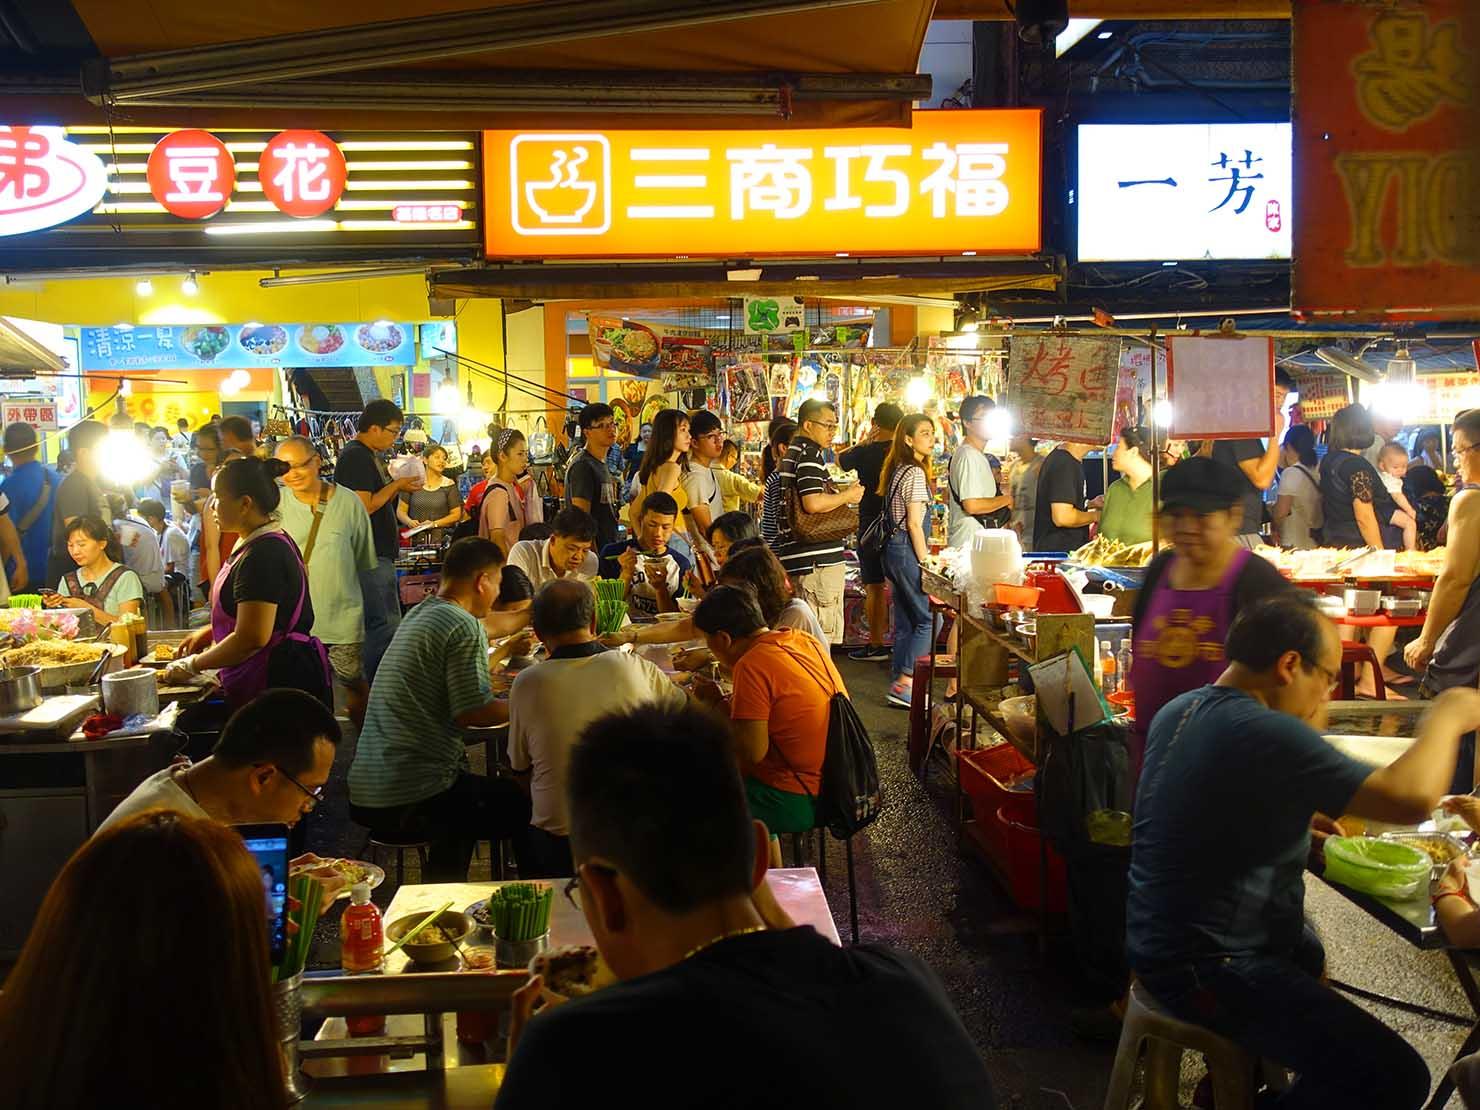 台北から日帰りで行ける基隆・廟口夜市のノスタルジックな風景